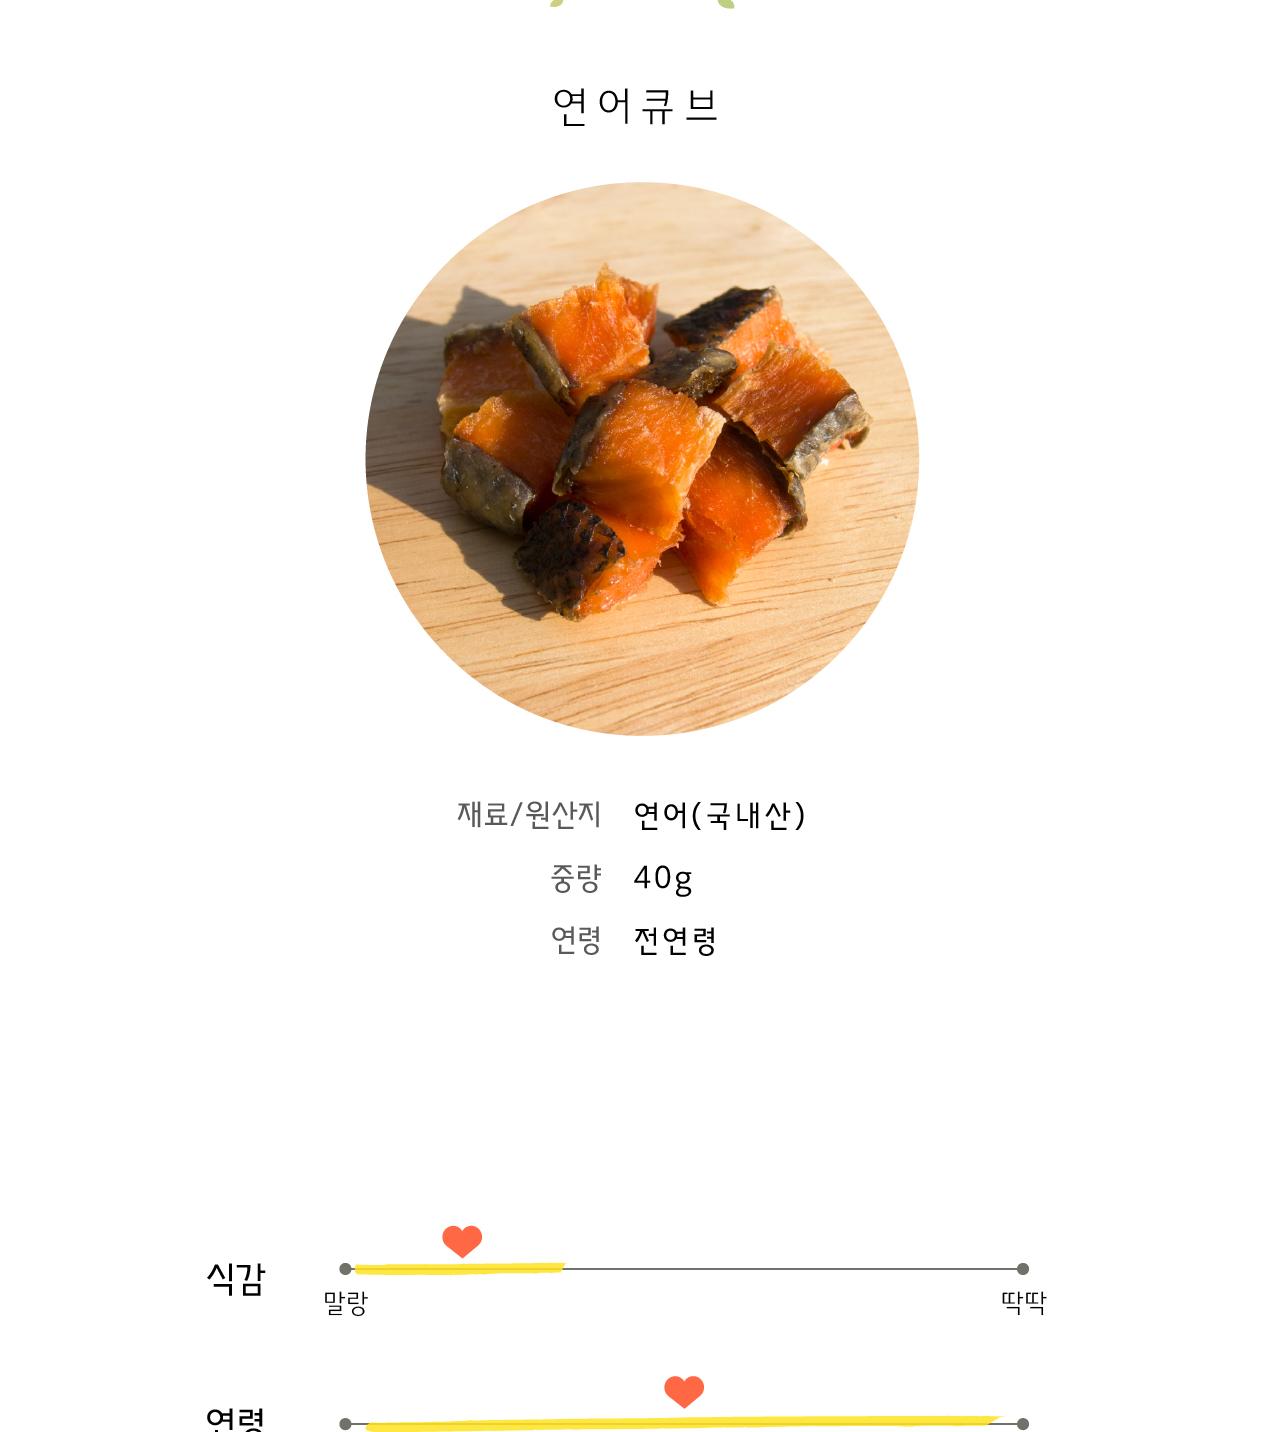 수제간식 연어큐브 - 행복한 광이네, 6,500원, 간식/영양제, 수제간식